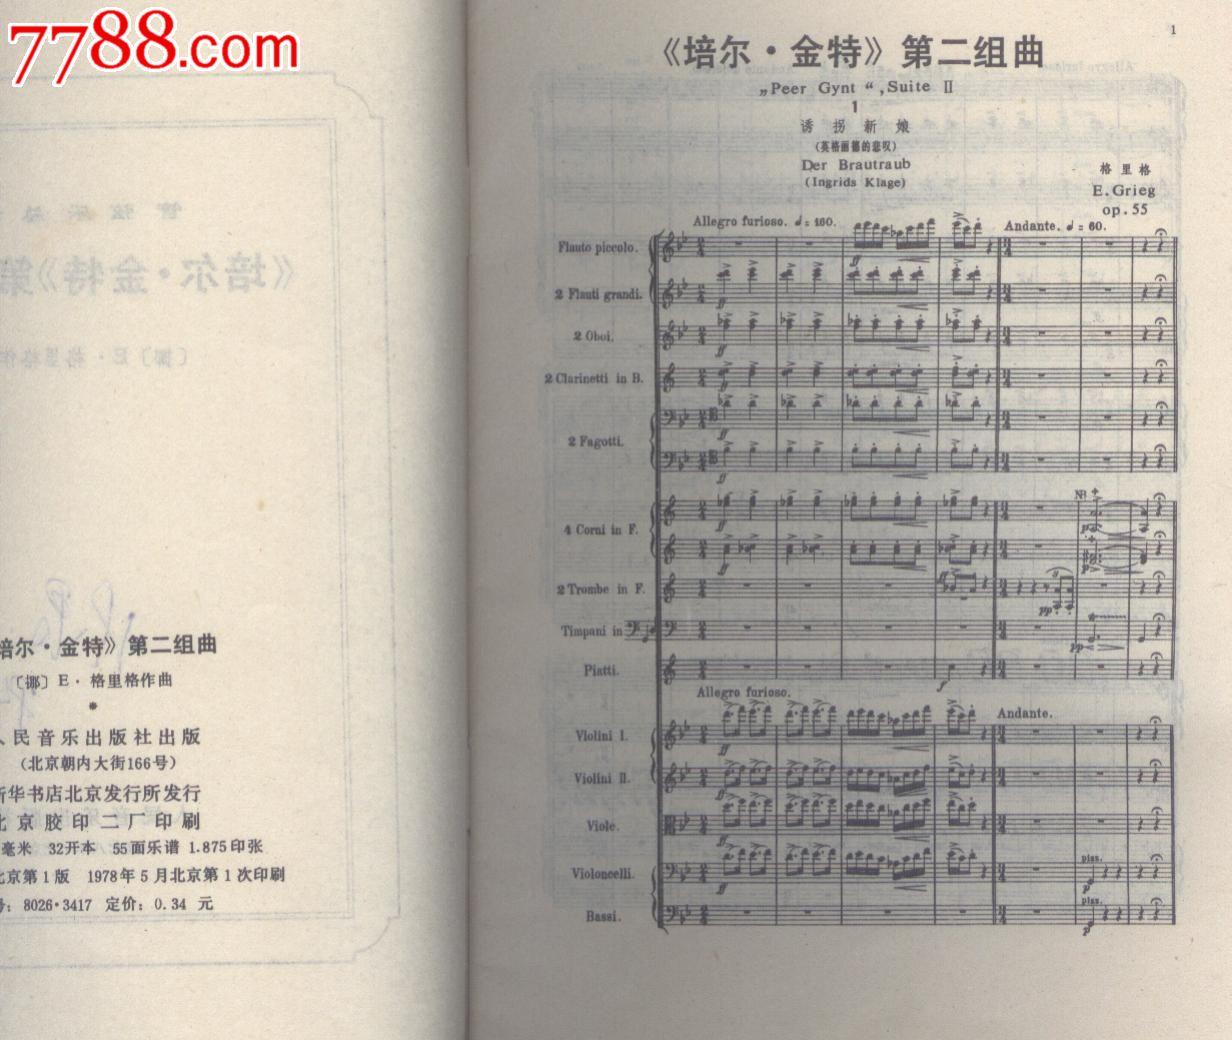 管弦乐总谱培尔,金特第二组曲_歌曲/歌谱_书味斋7788